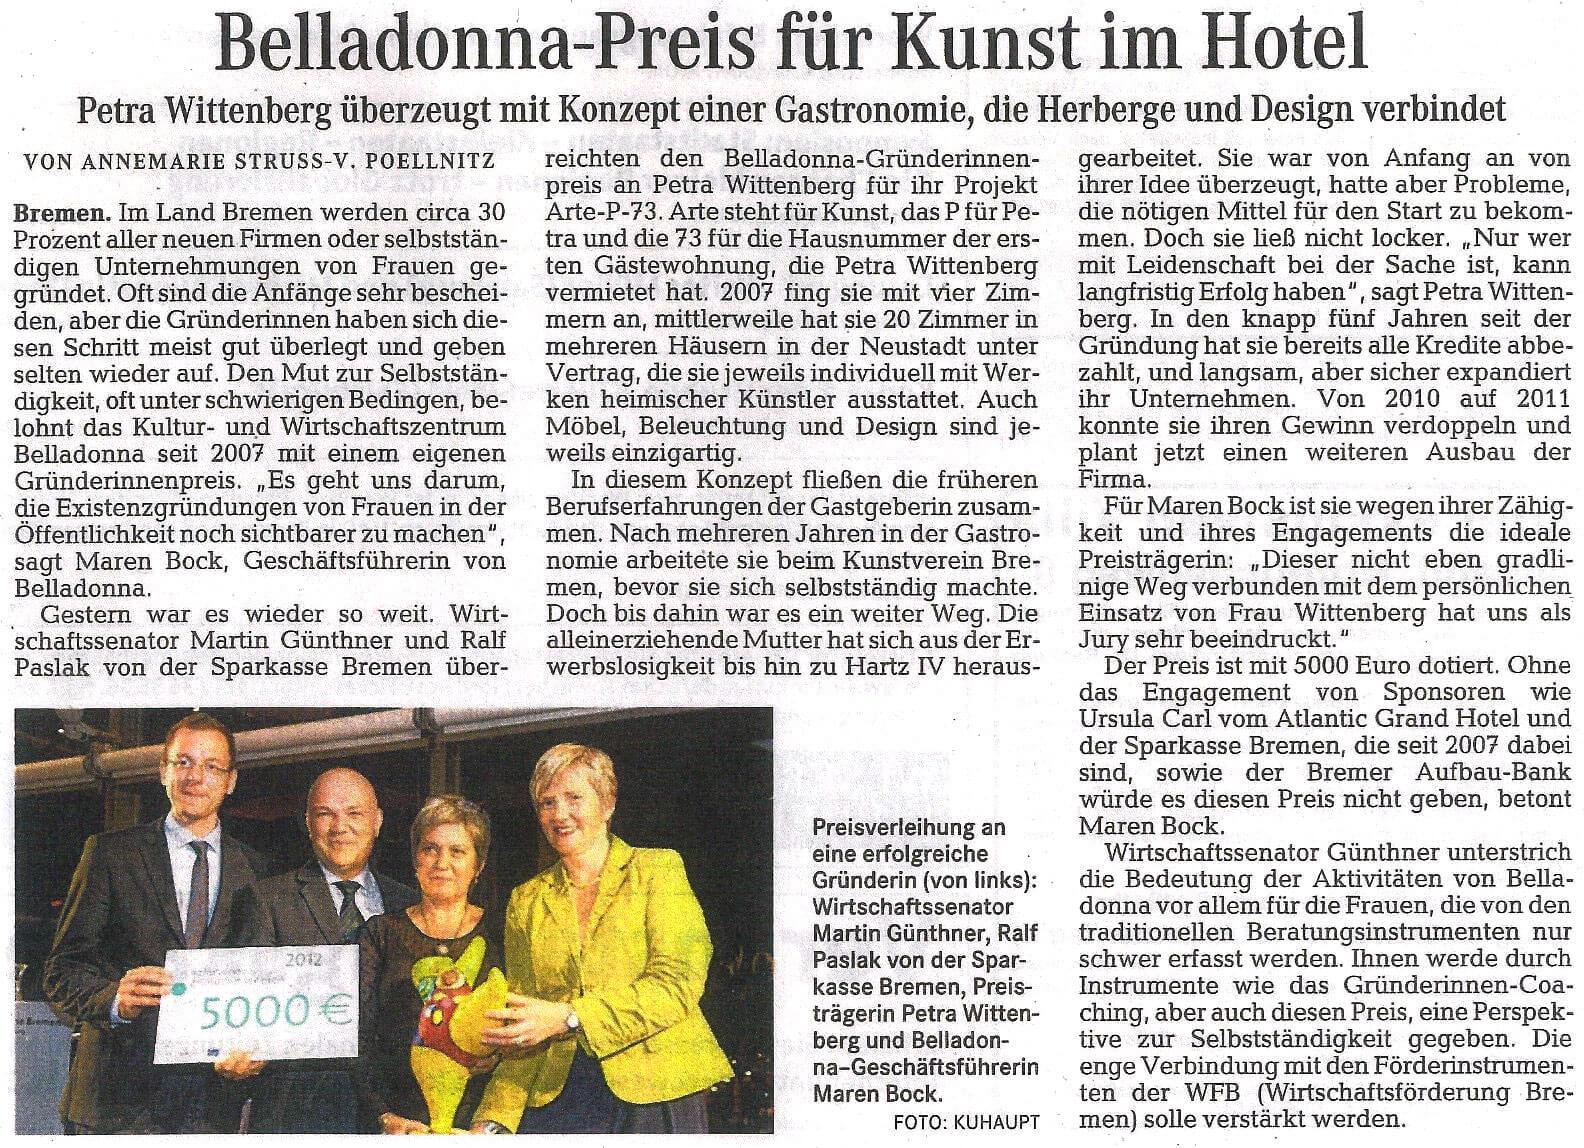 Weser Kurier Artikel zur Verleihung des Belladonna Gründerinnenpreises an Petra Wittenberg für ARTE|P|73